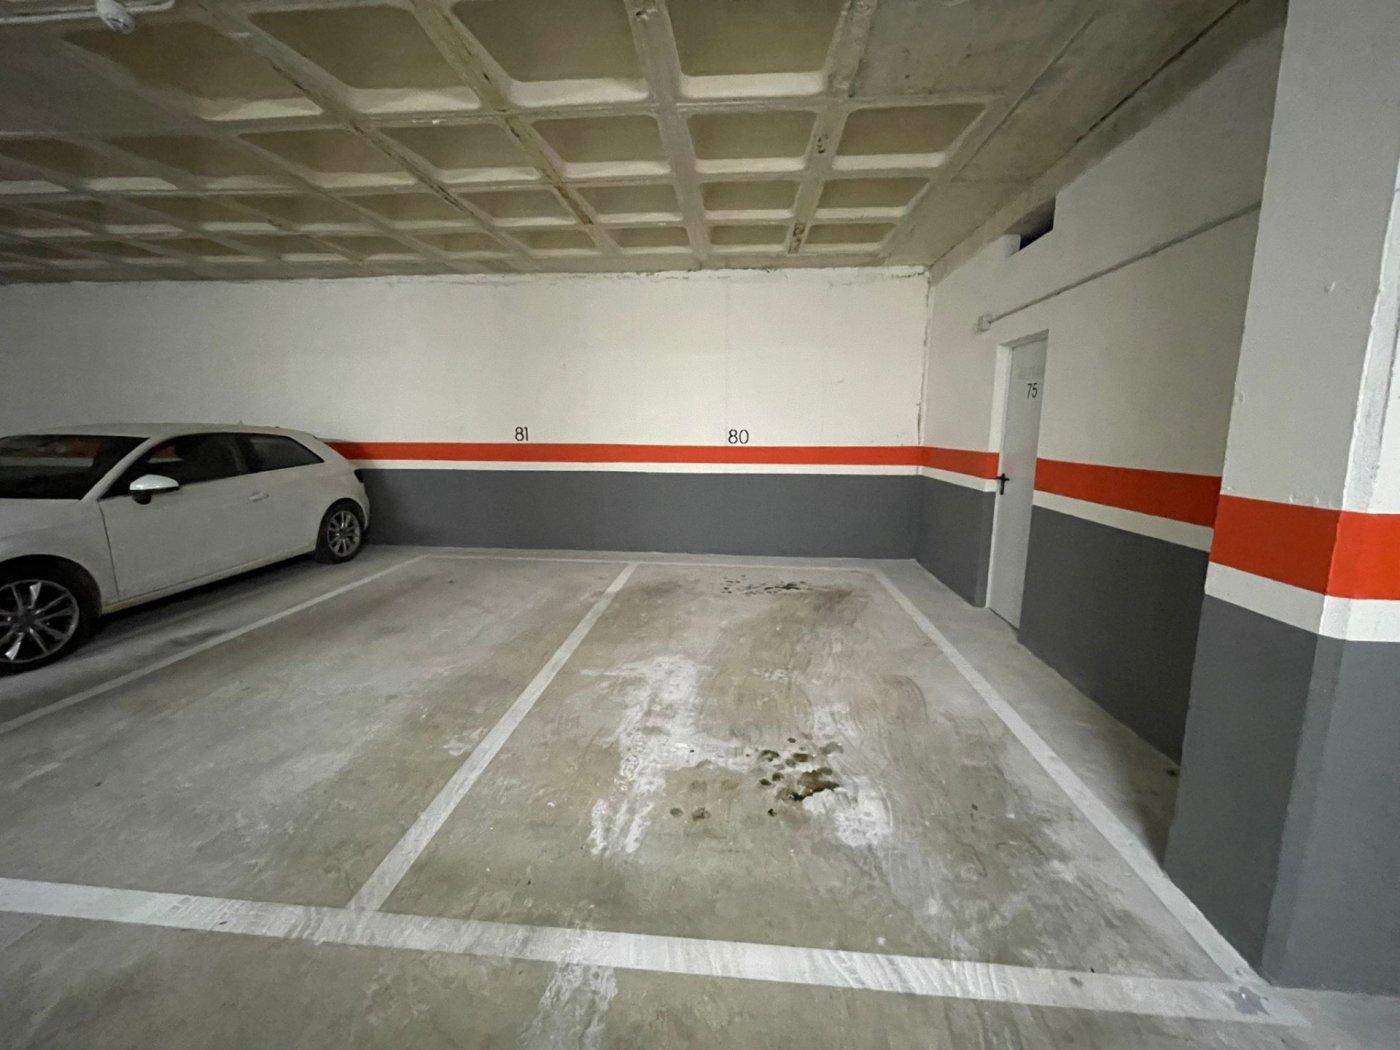 Urbanización, vvda en alquiler amueblada con garaje y trastero. 5 min. playa - imagenInmueble22